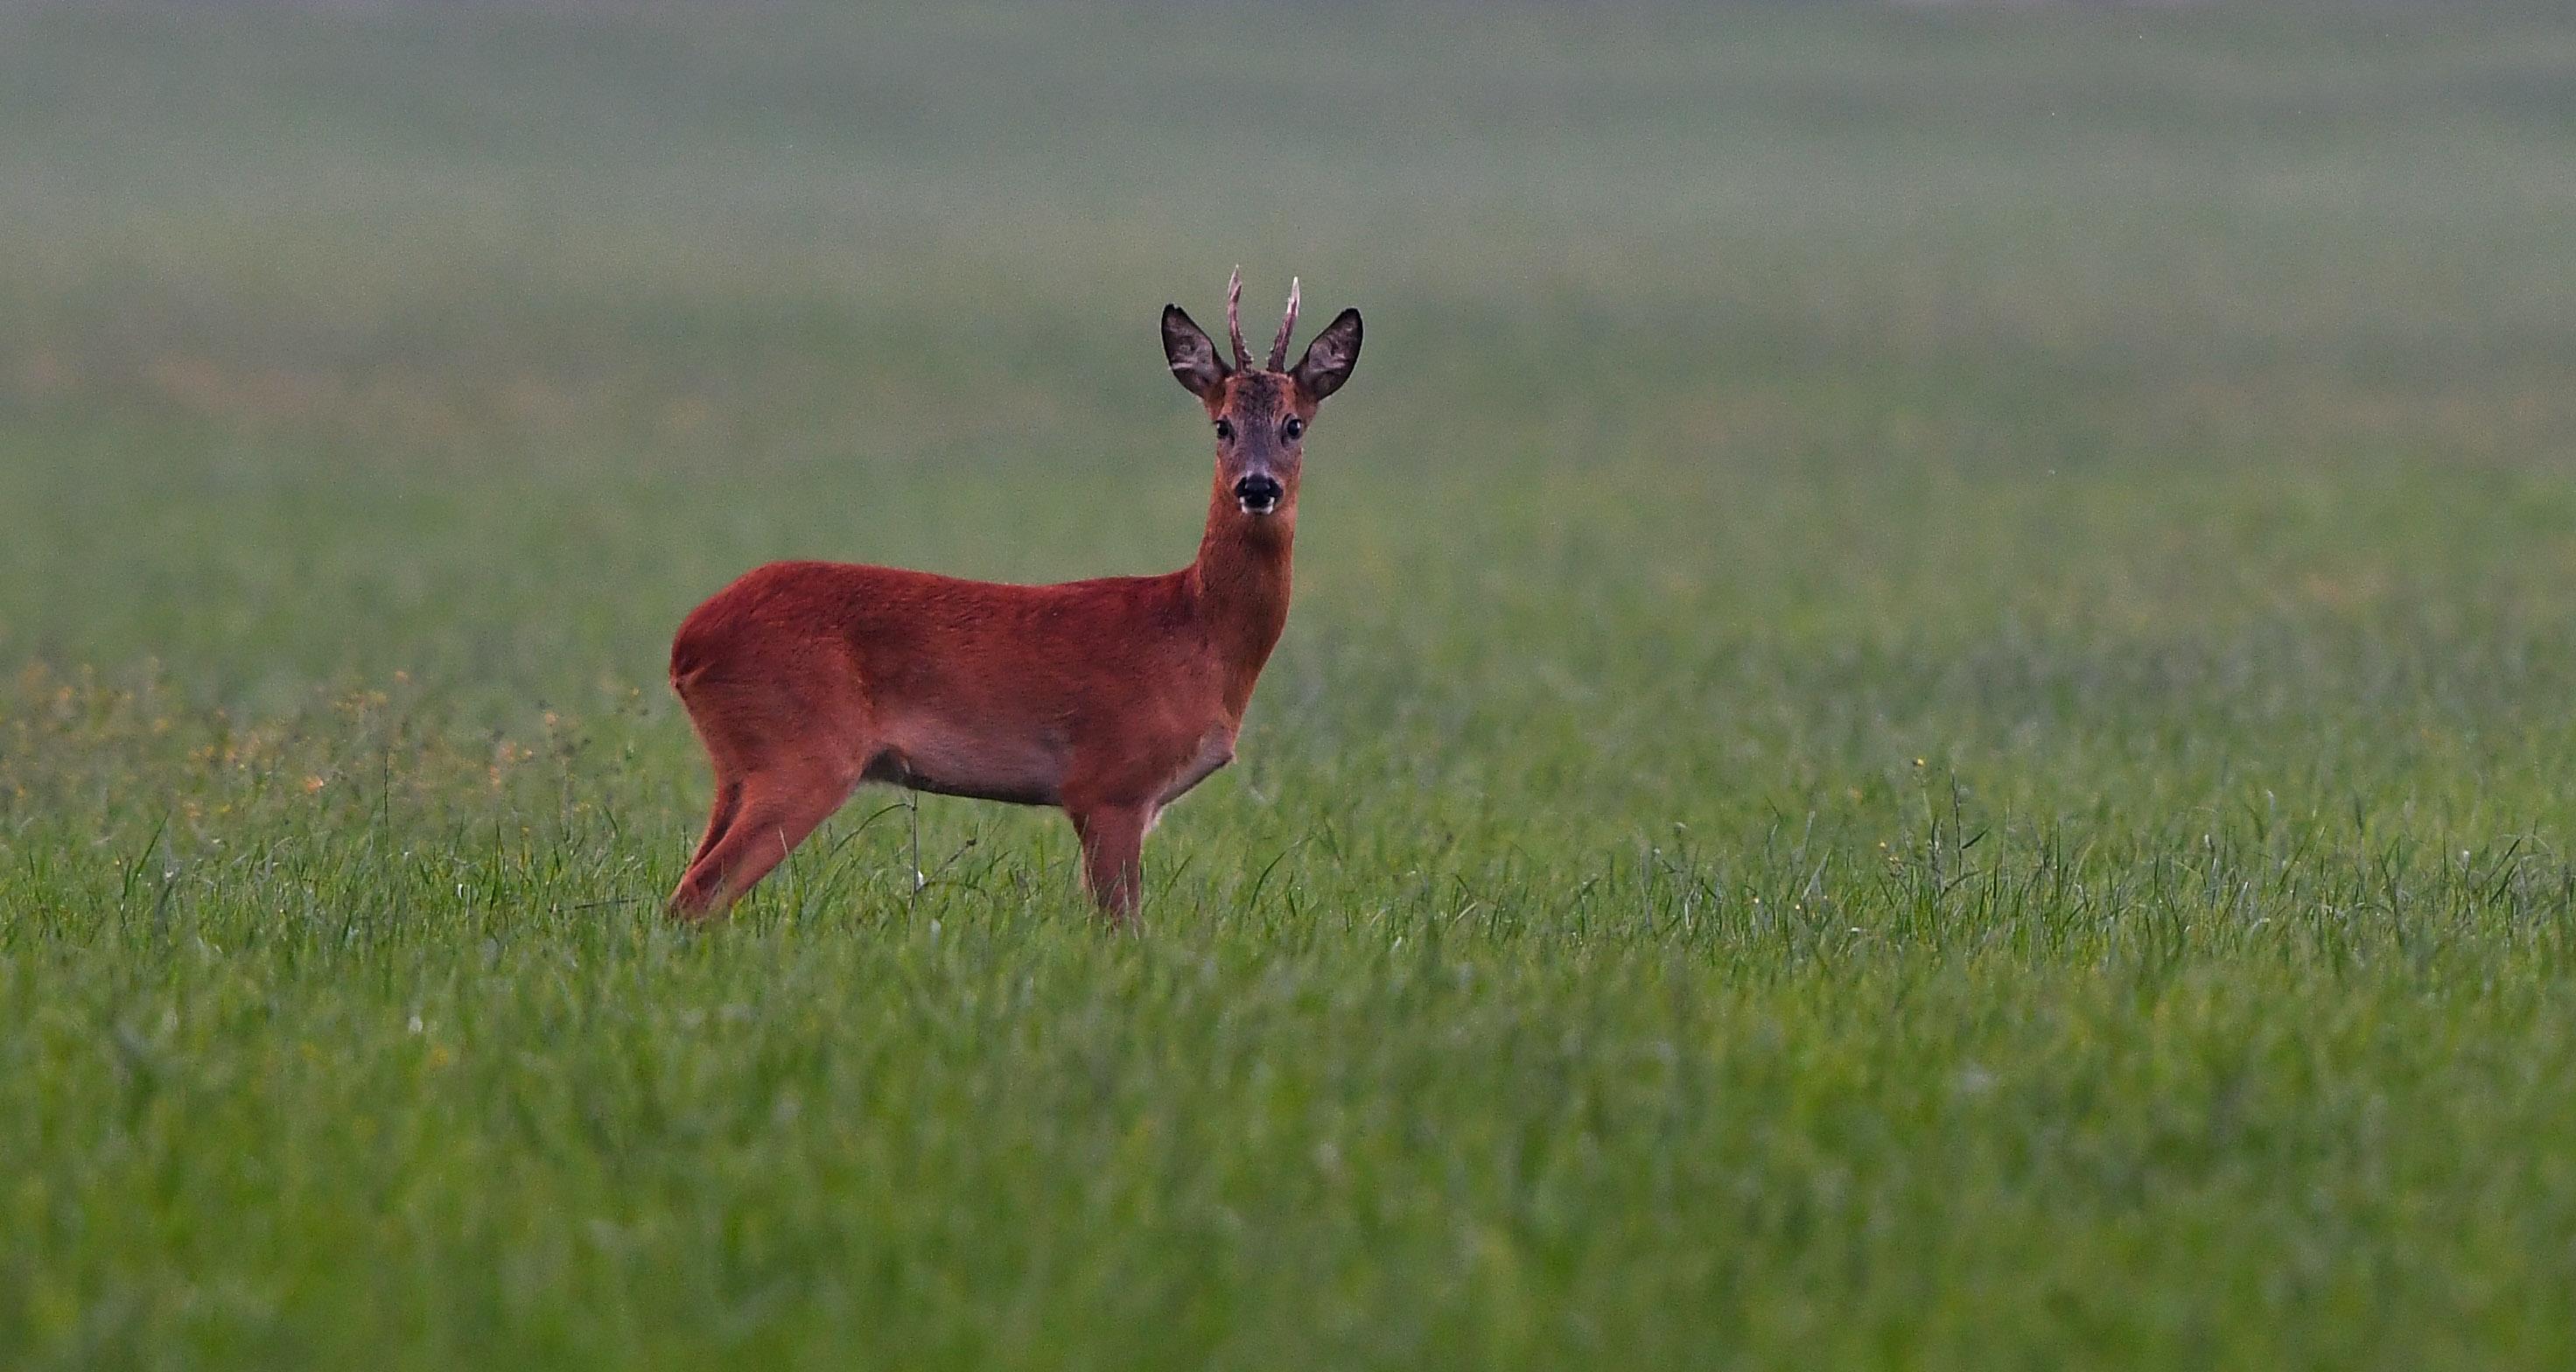 Al blijft hij alert op zijn omgeving, want... je weet maar nooit – Foto: ©Louis Fraanje